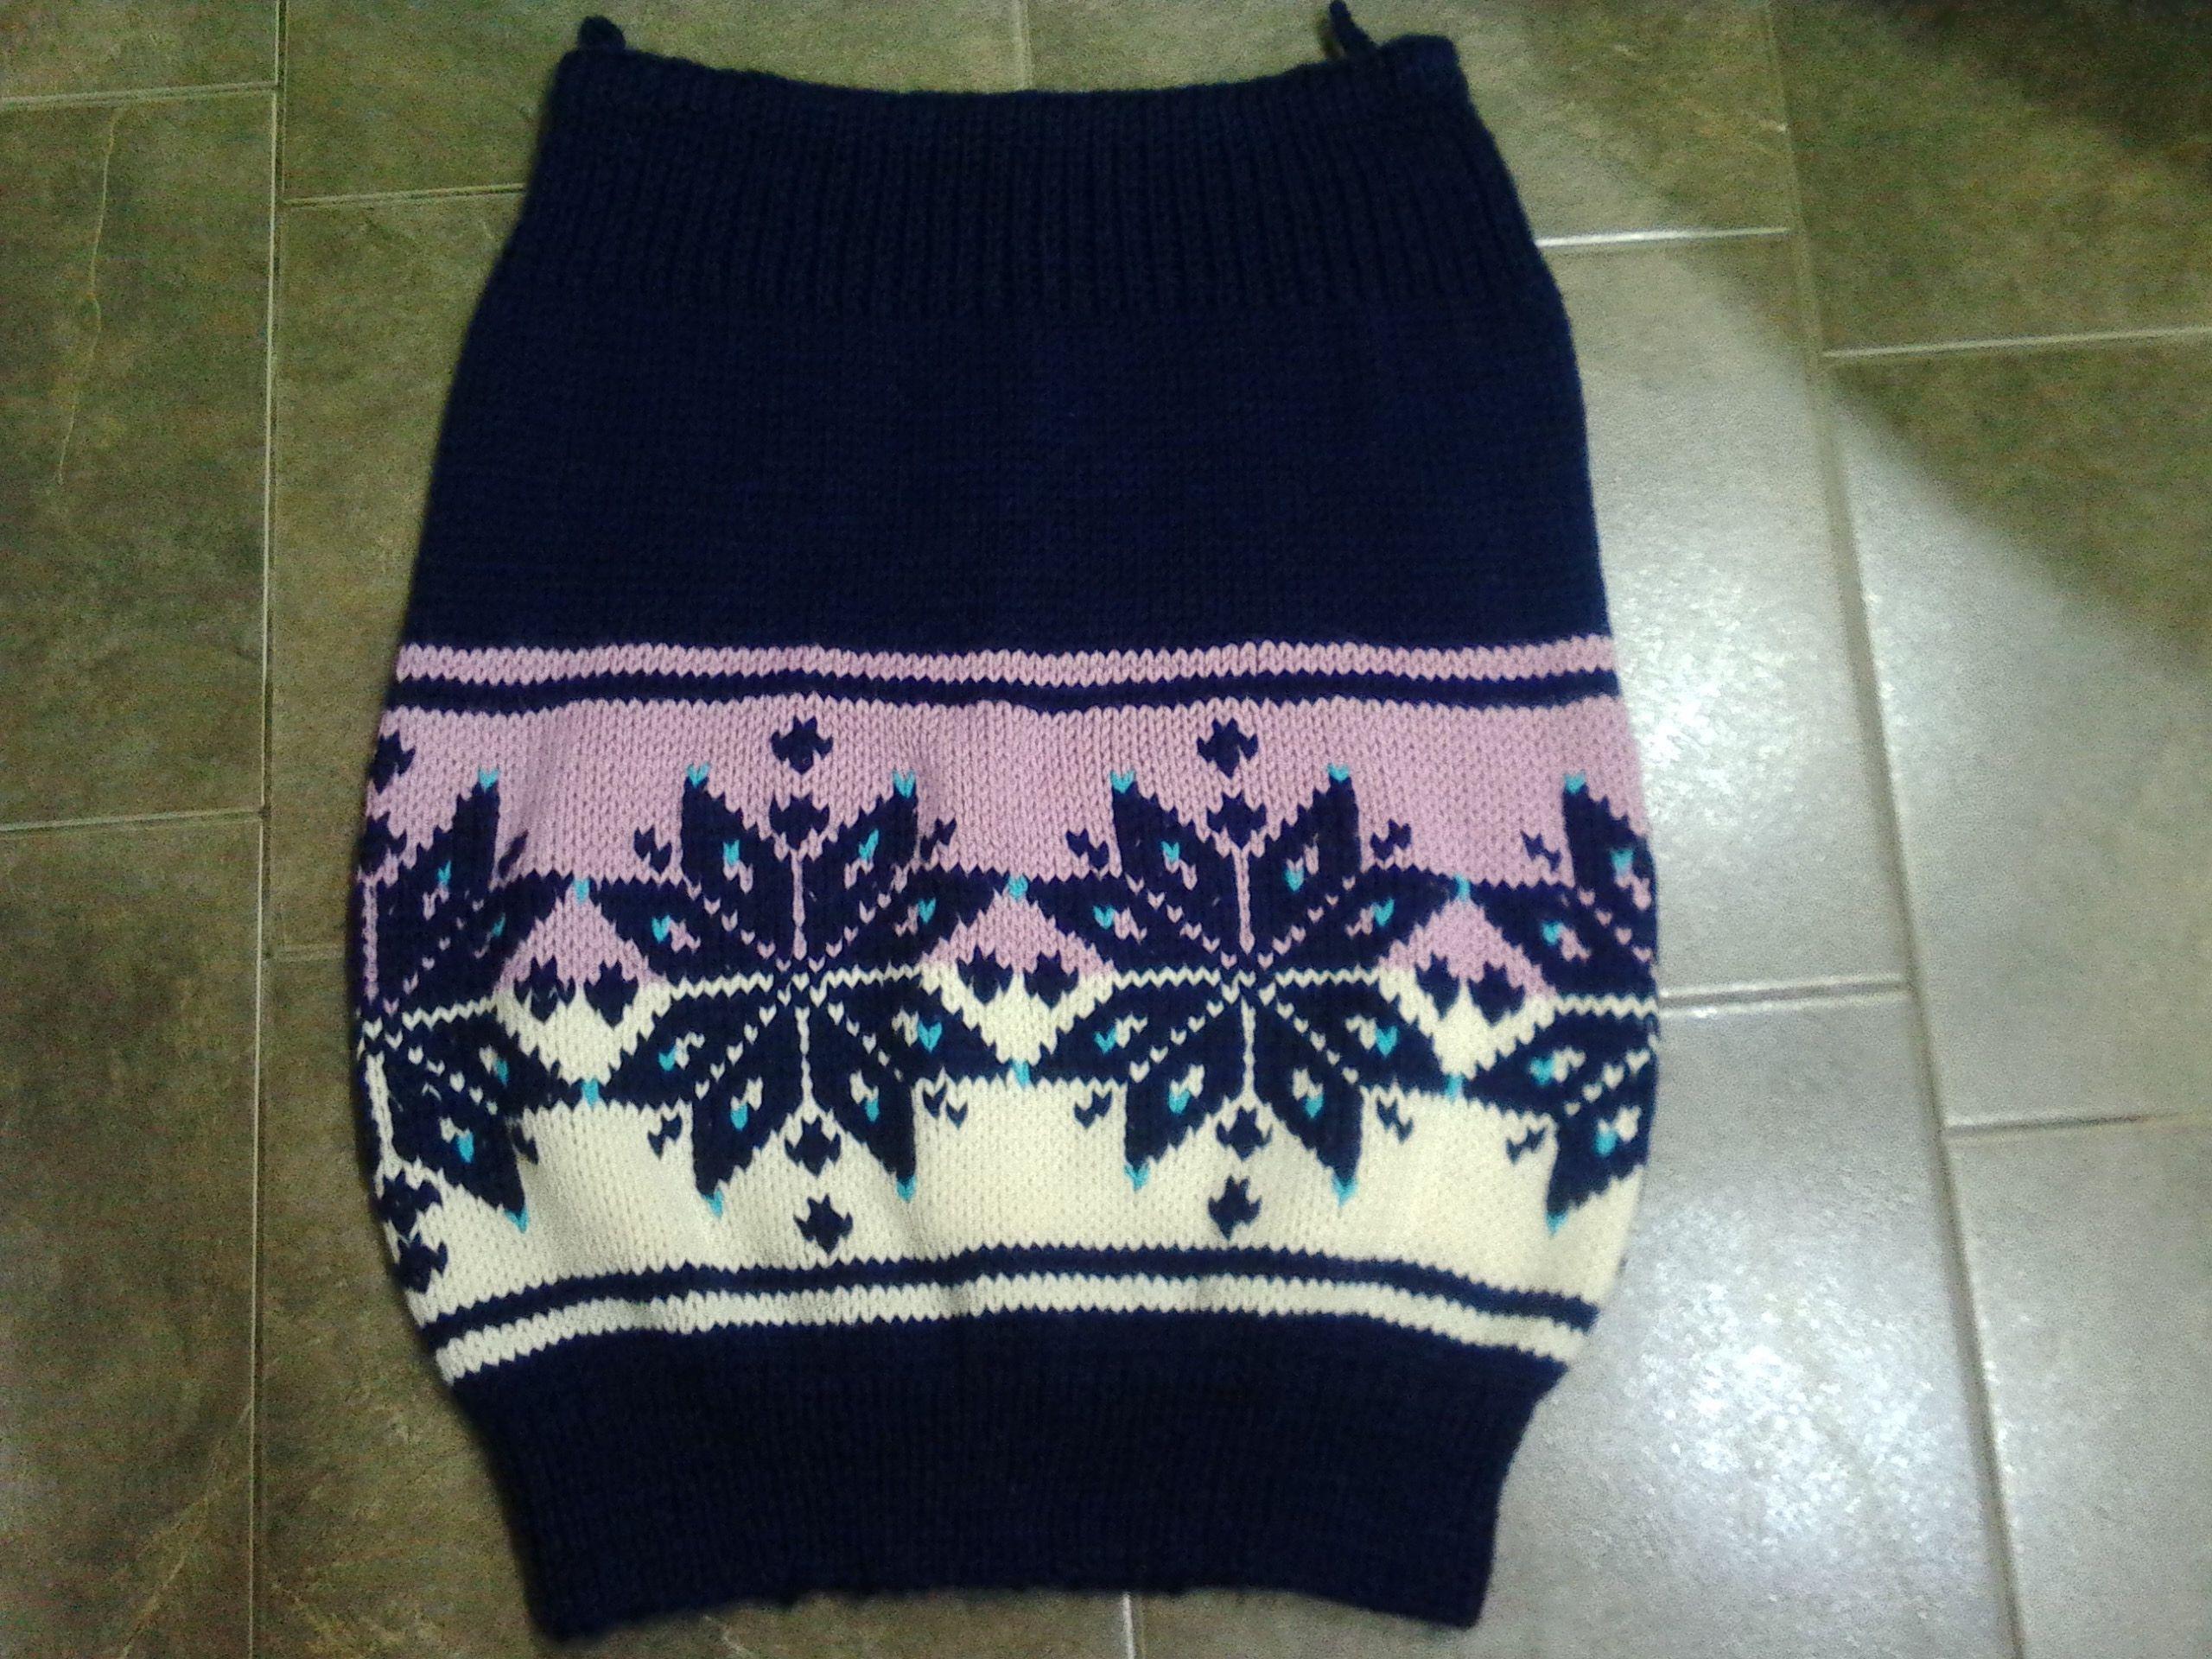 красивая вязание теплая размера большого одежда спиуами юбка эксклюзивная размеров больших